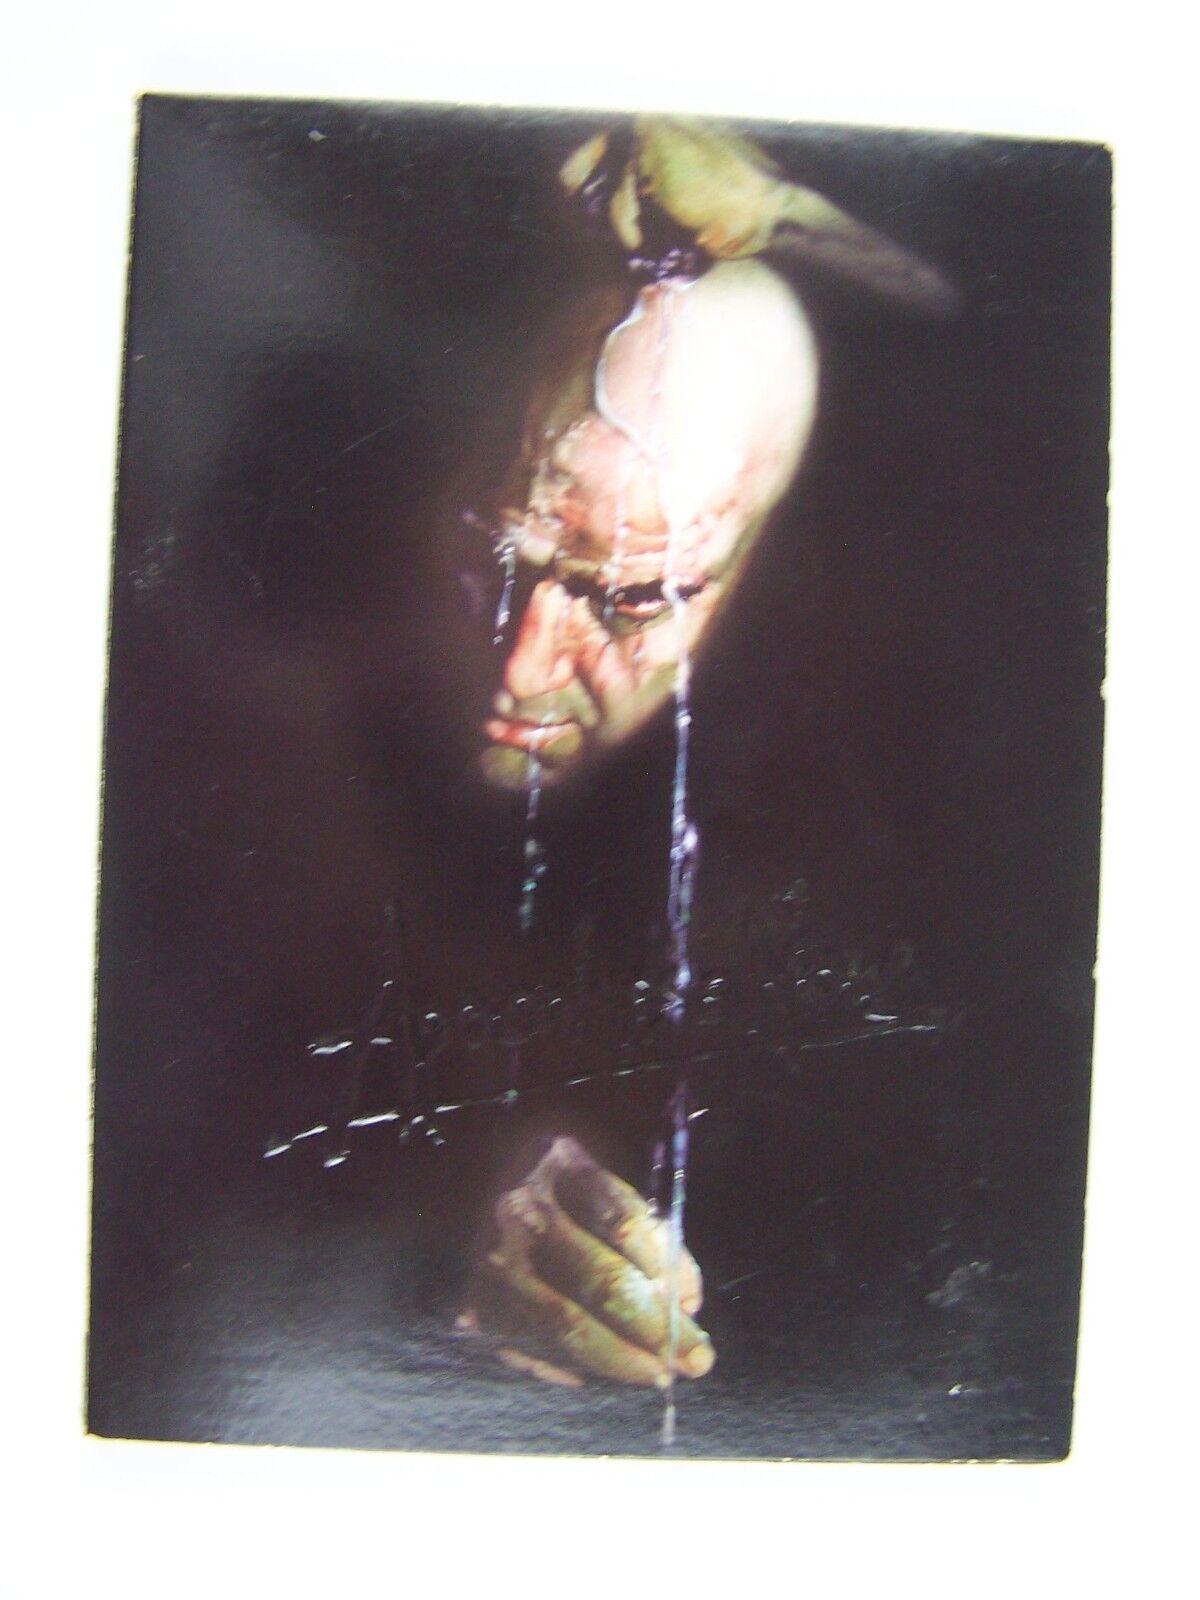 Apocalypse Now: The Complete Dossier (Apocalypse Now /